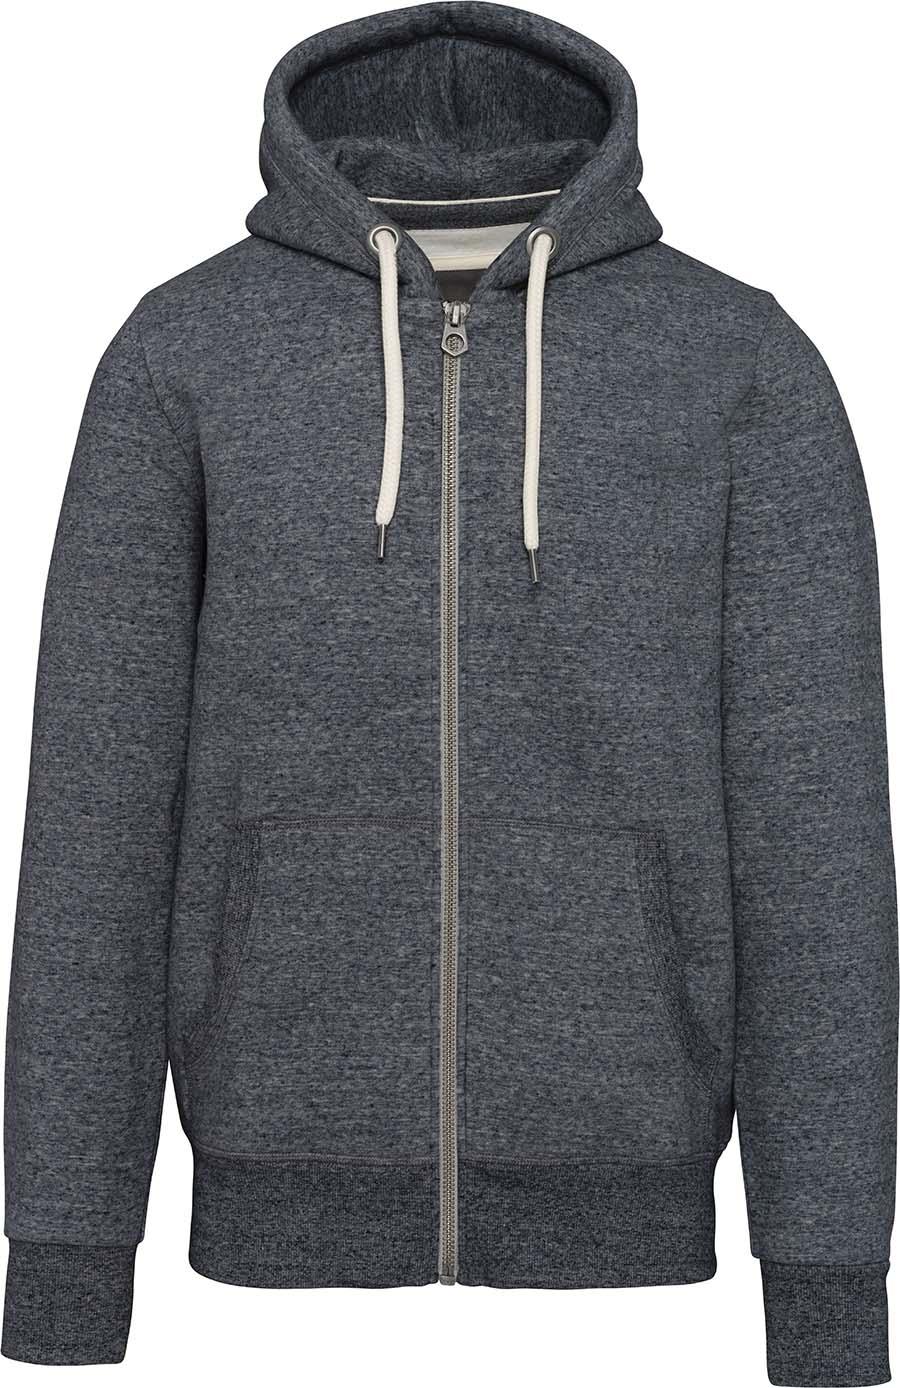 Sweat-shirt vintage zippé à capuche homme - 2-1530-6